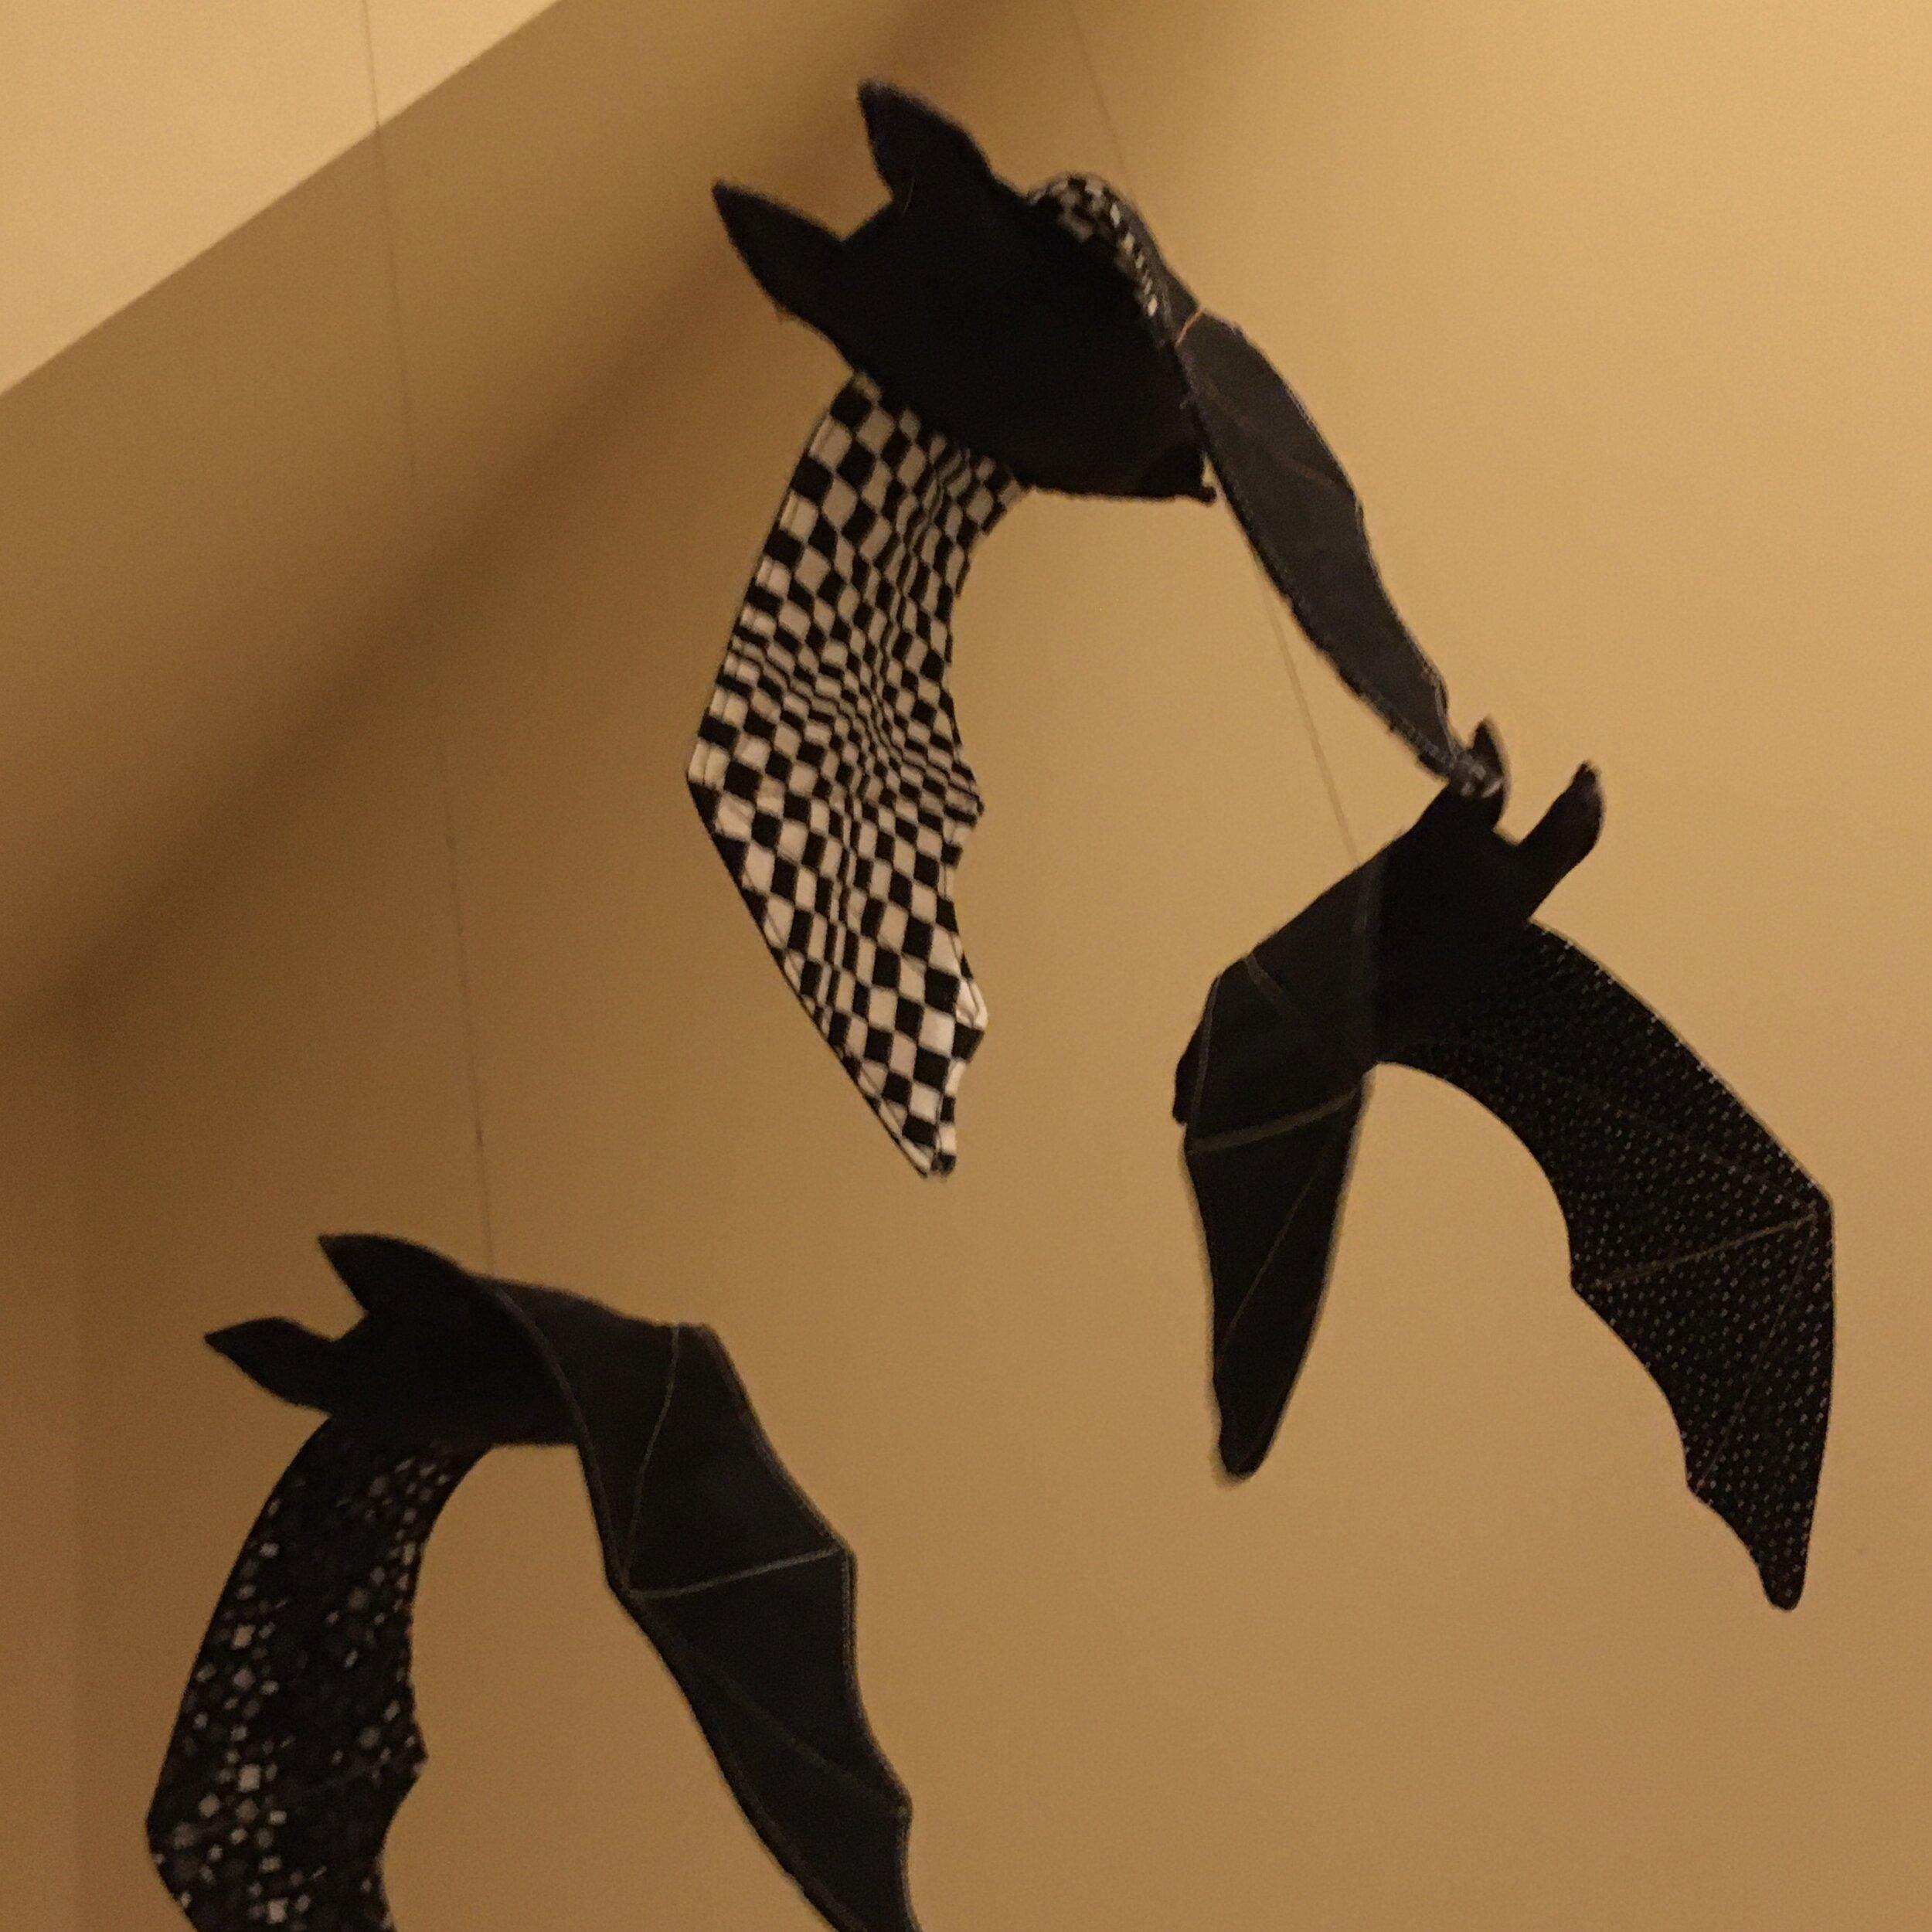 Bats from Modern Textiles tutorial